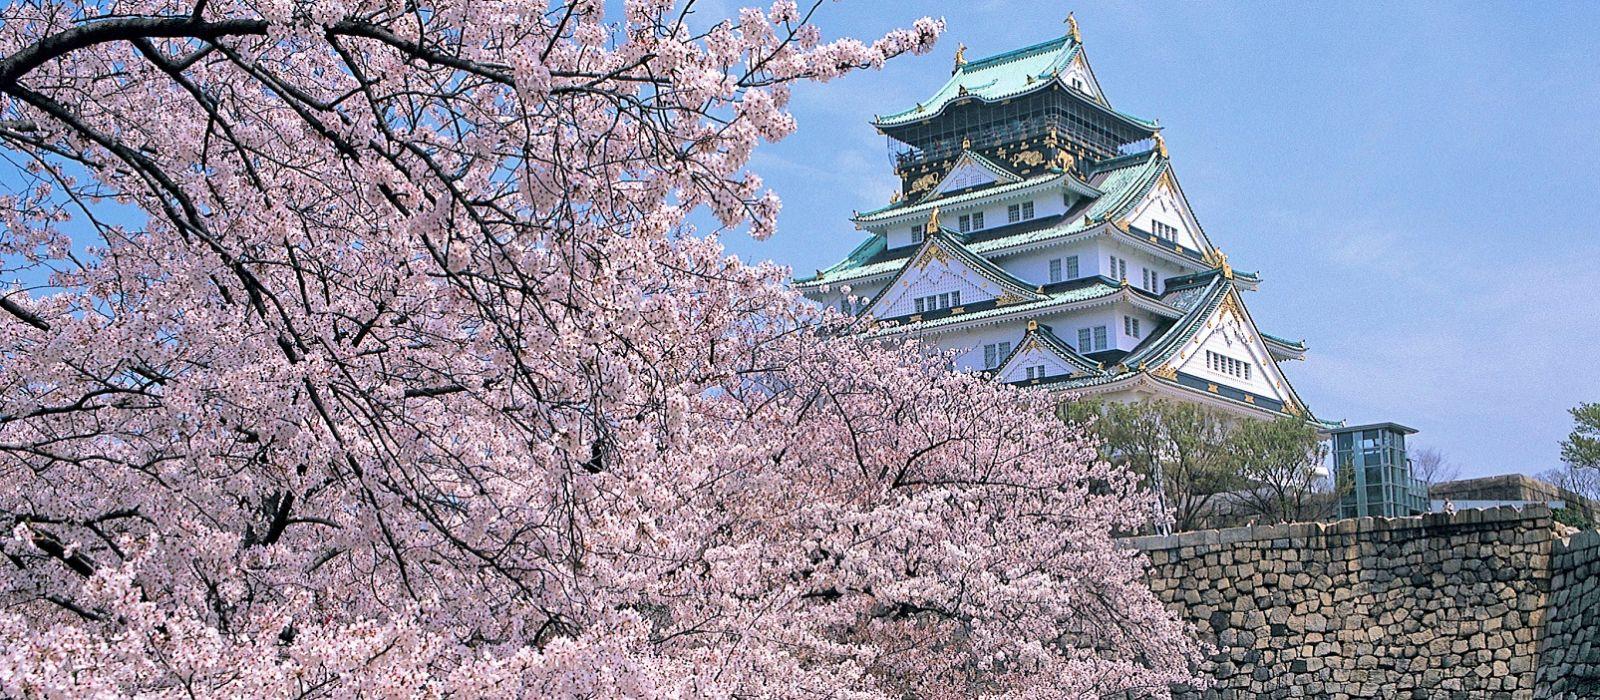 Exklusive Japan Luxusreise Urlaub 4